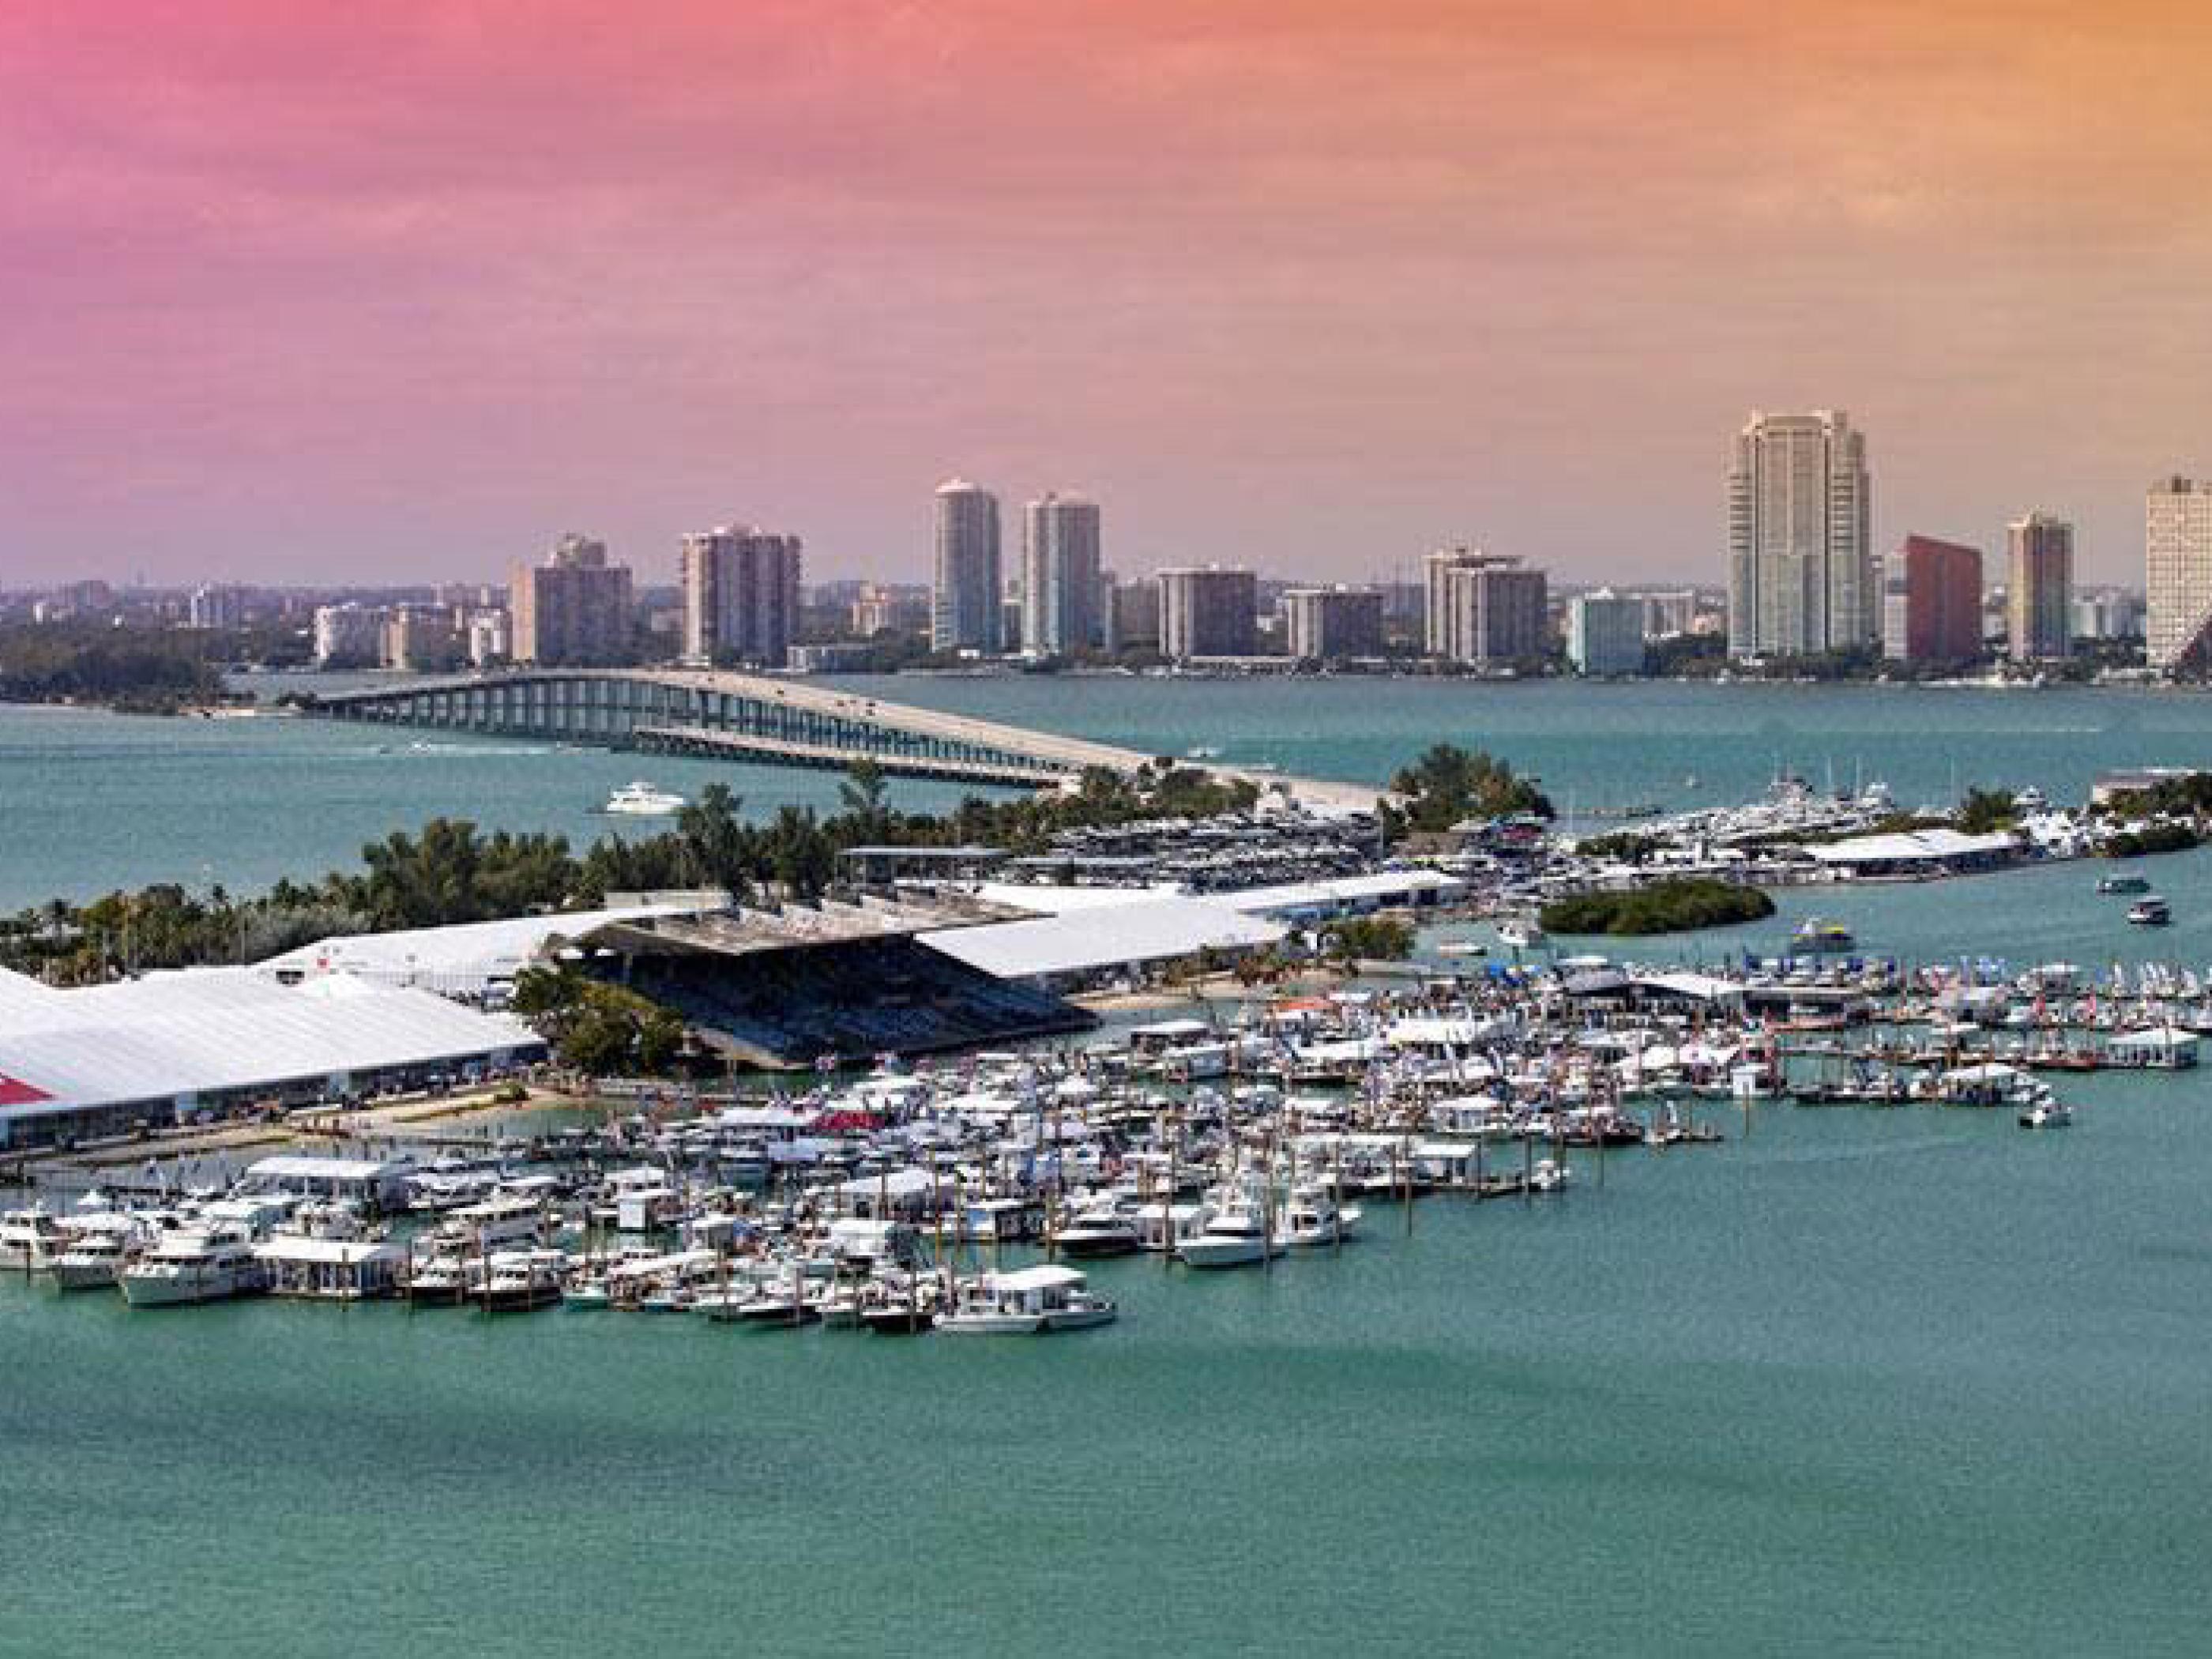 フロリダ州マイアミ 思いがけない魅力に出会える洗練されたビーチシティ